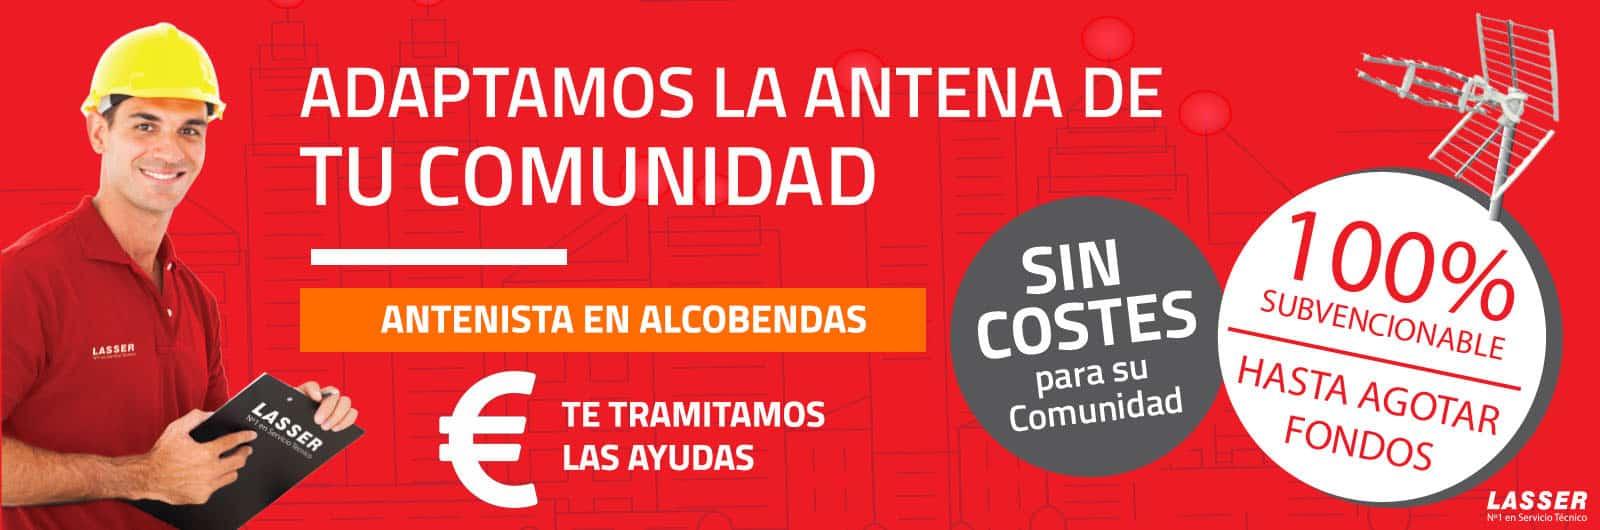 segundo-dividendo-digital-antena-comunidades-promocion-alcobendas